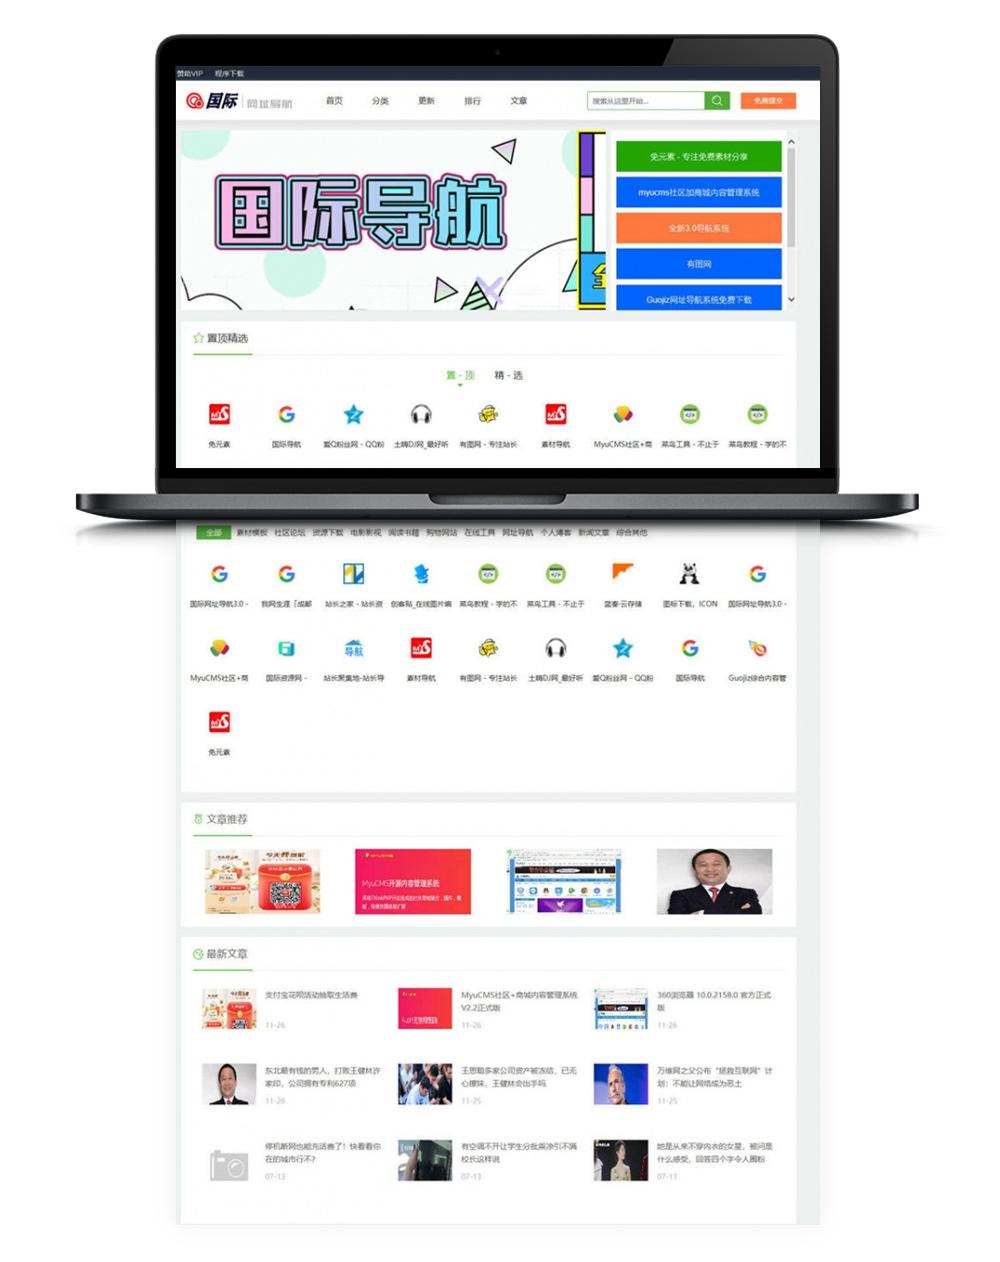 国际Guoji网址导航收录展示在线导航v3.1版系统源码-爱资源分享